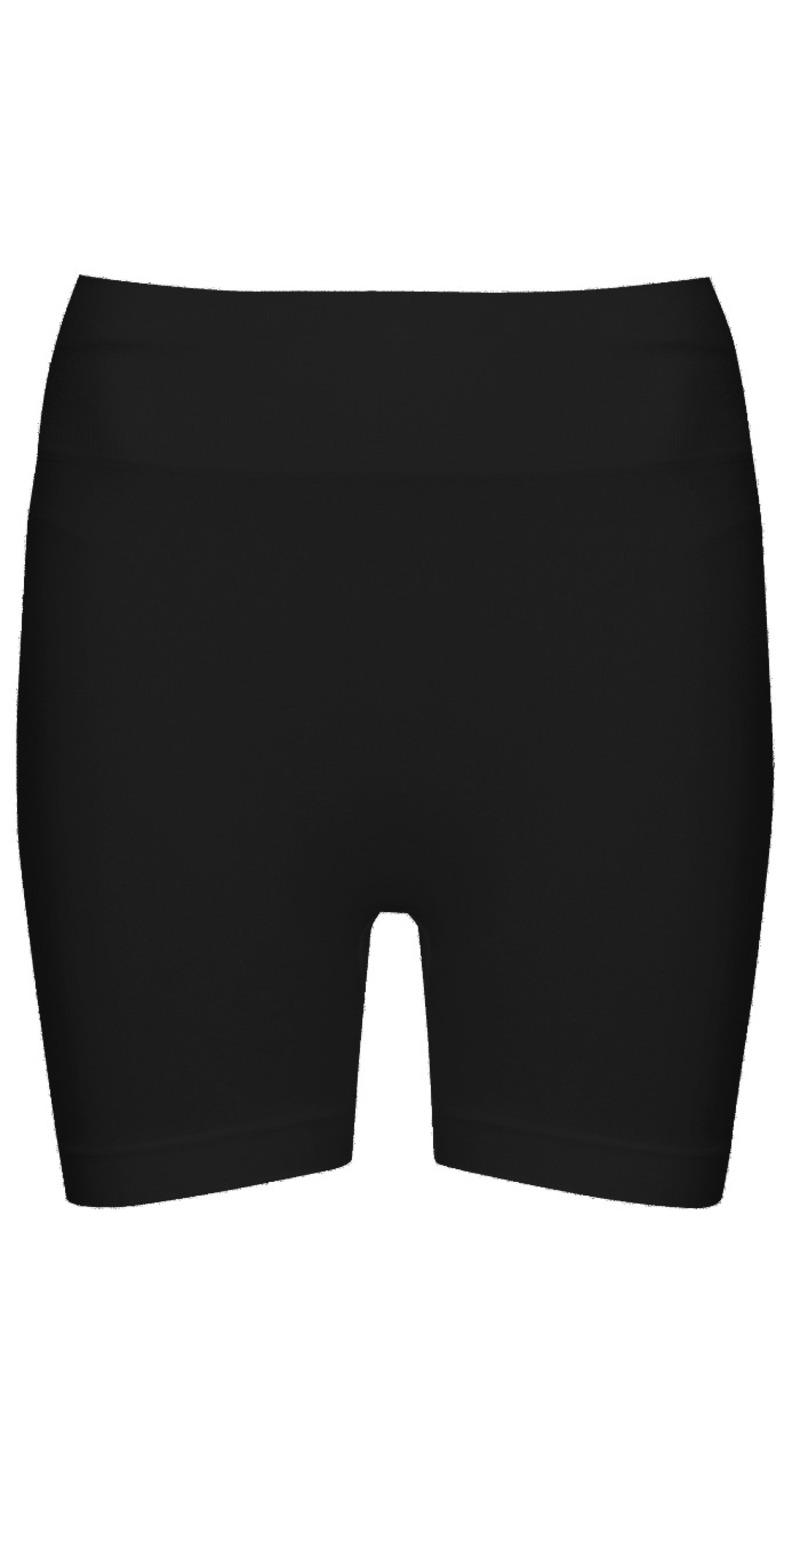 Brix shorts